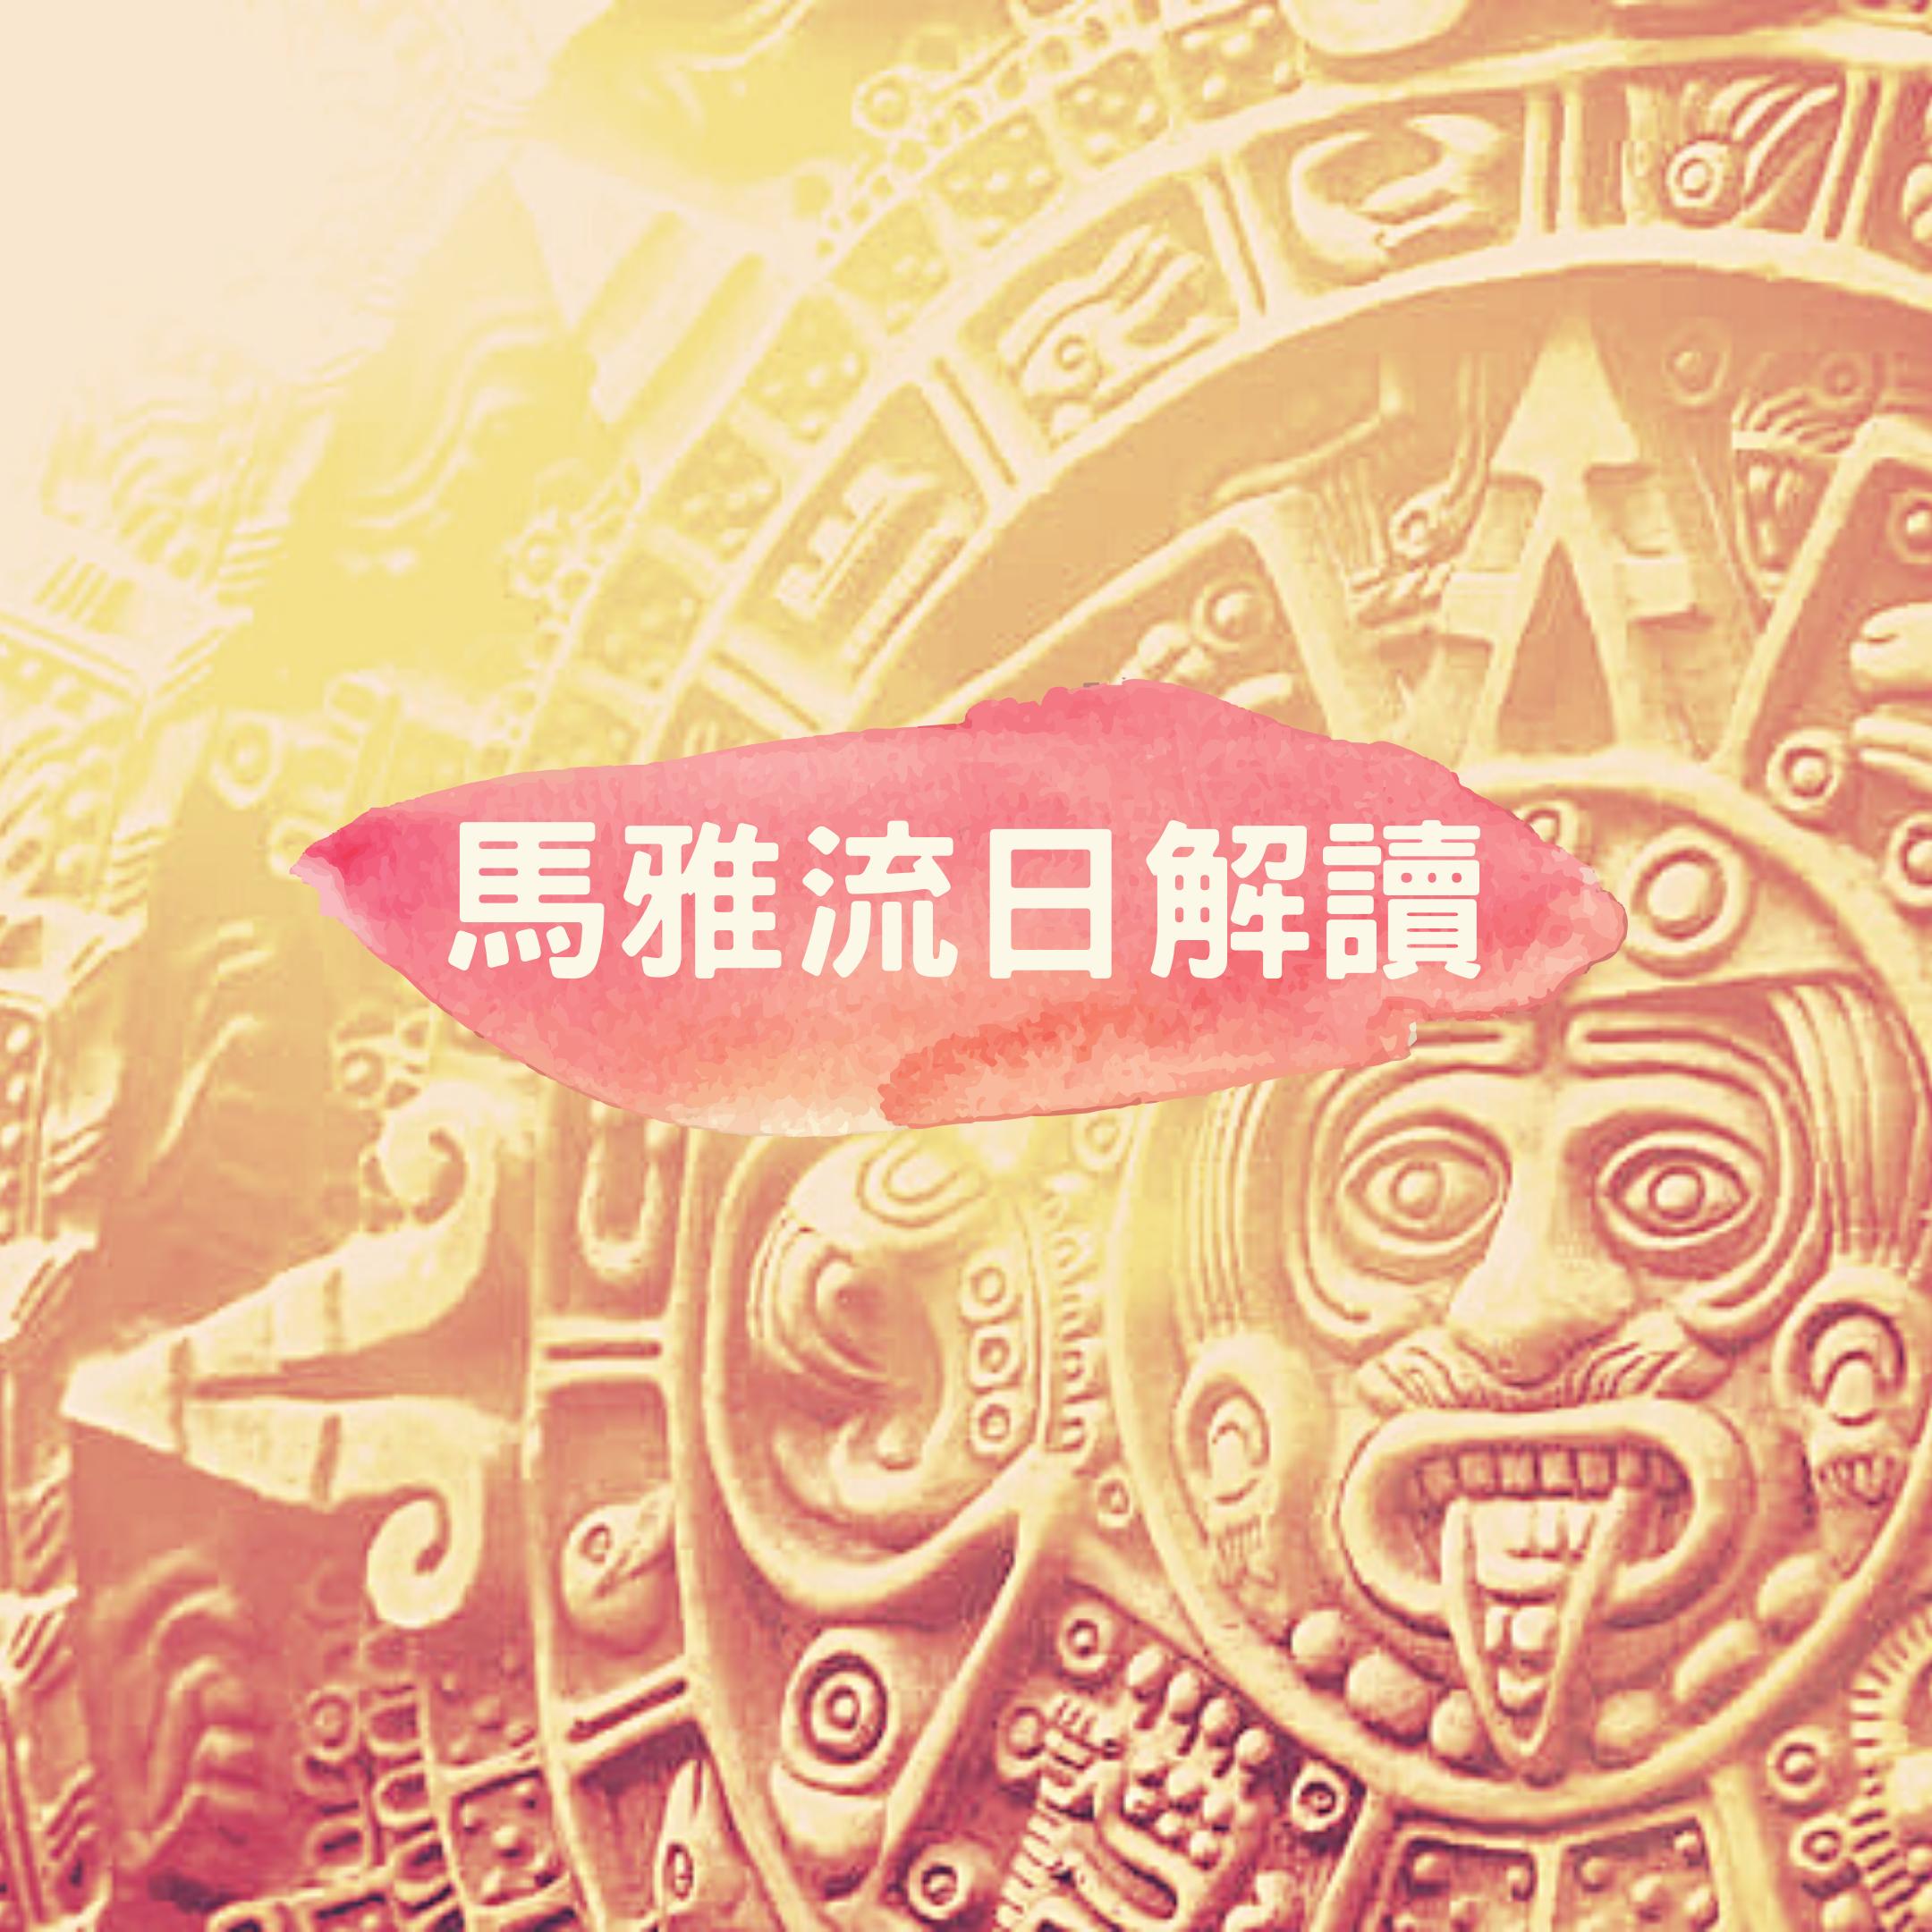 馬雅流日09.21|kin 176 共振黃戰士